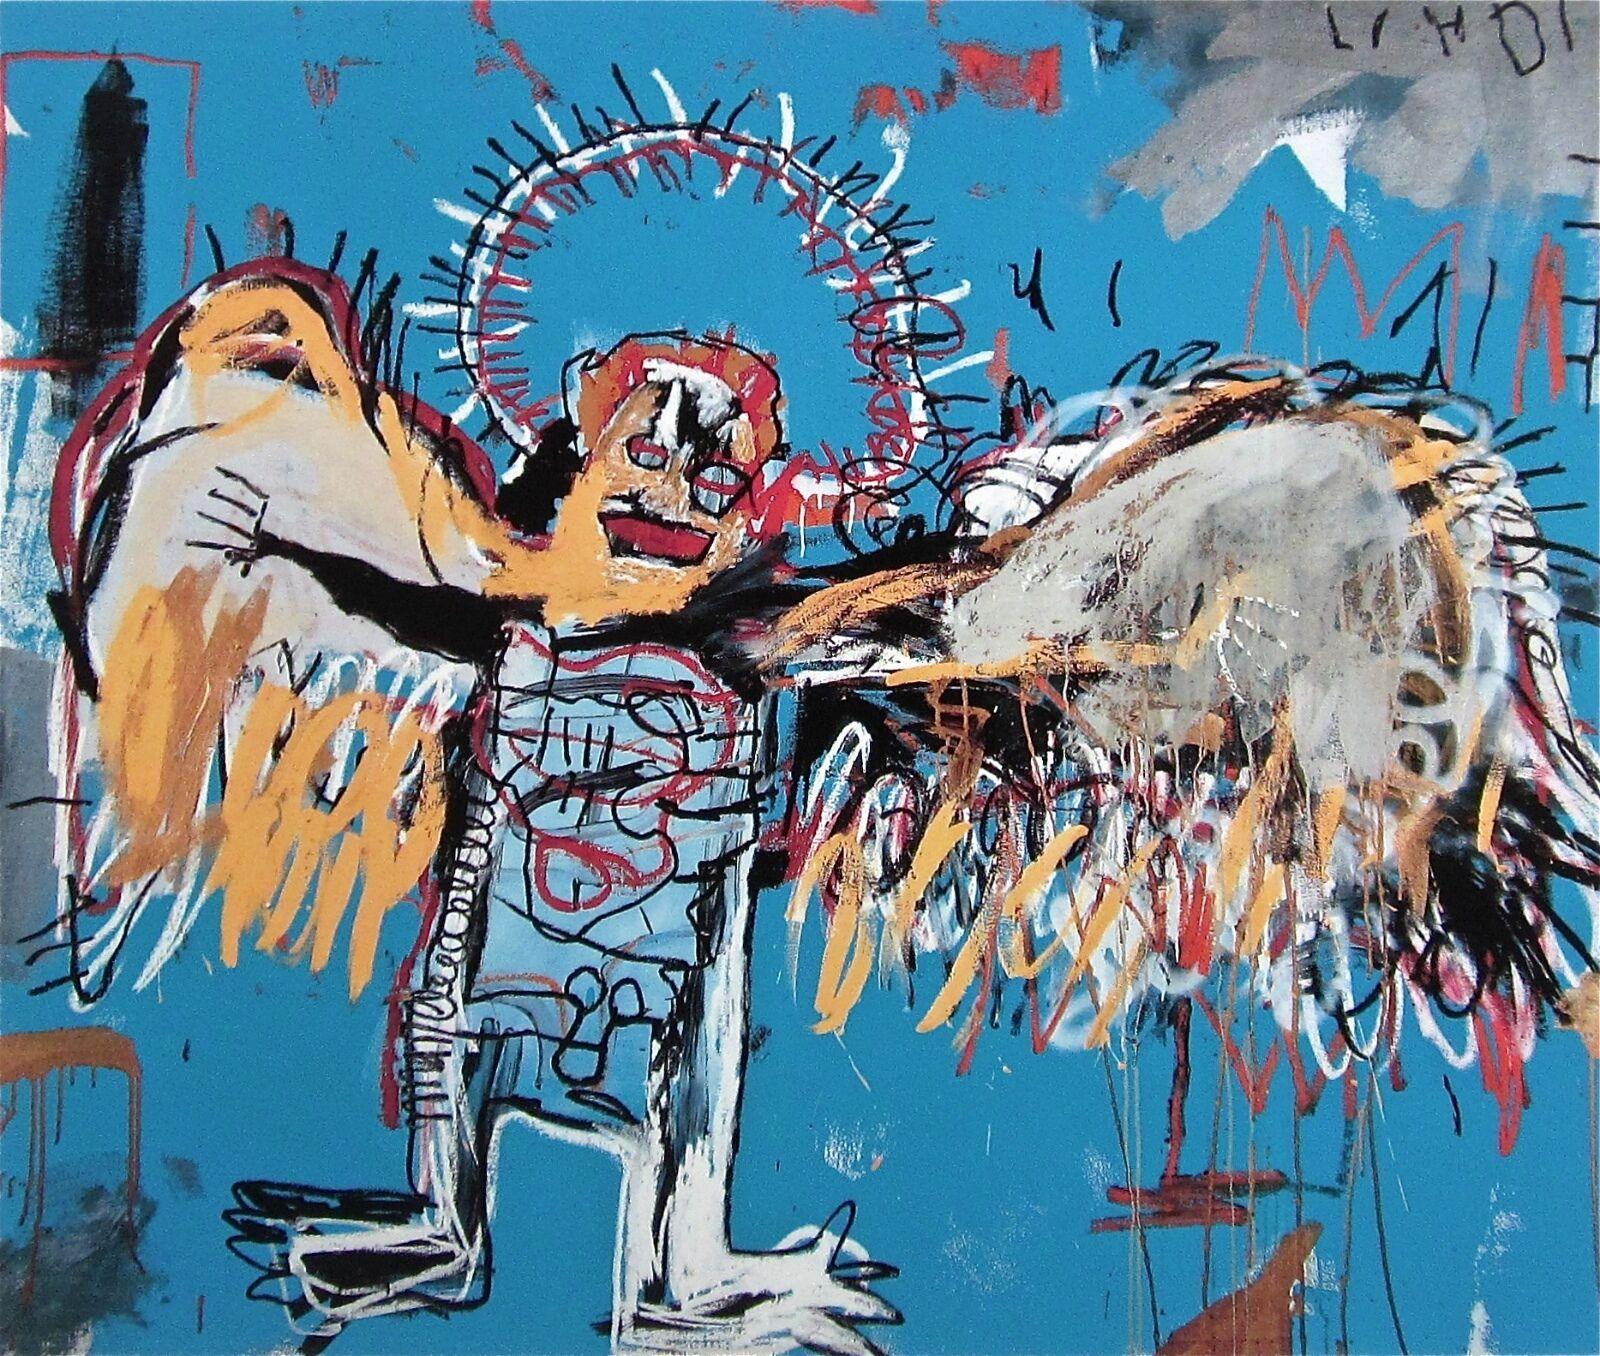 jean-michel-basquiat-untitled-1981-fallen